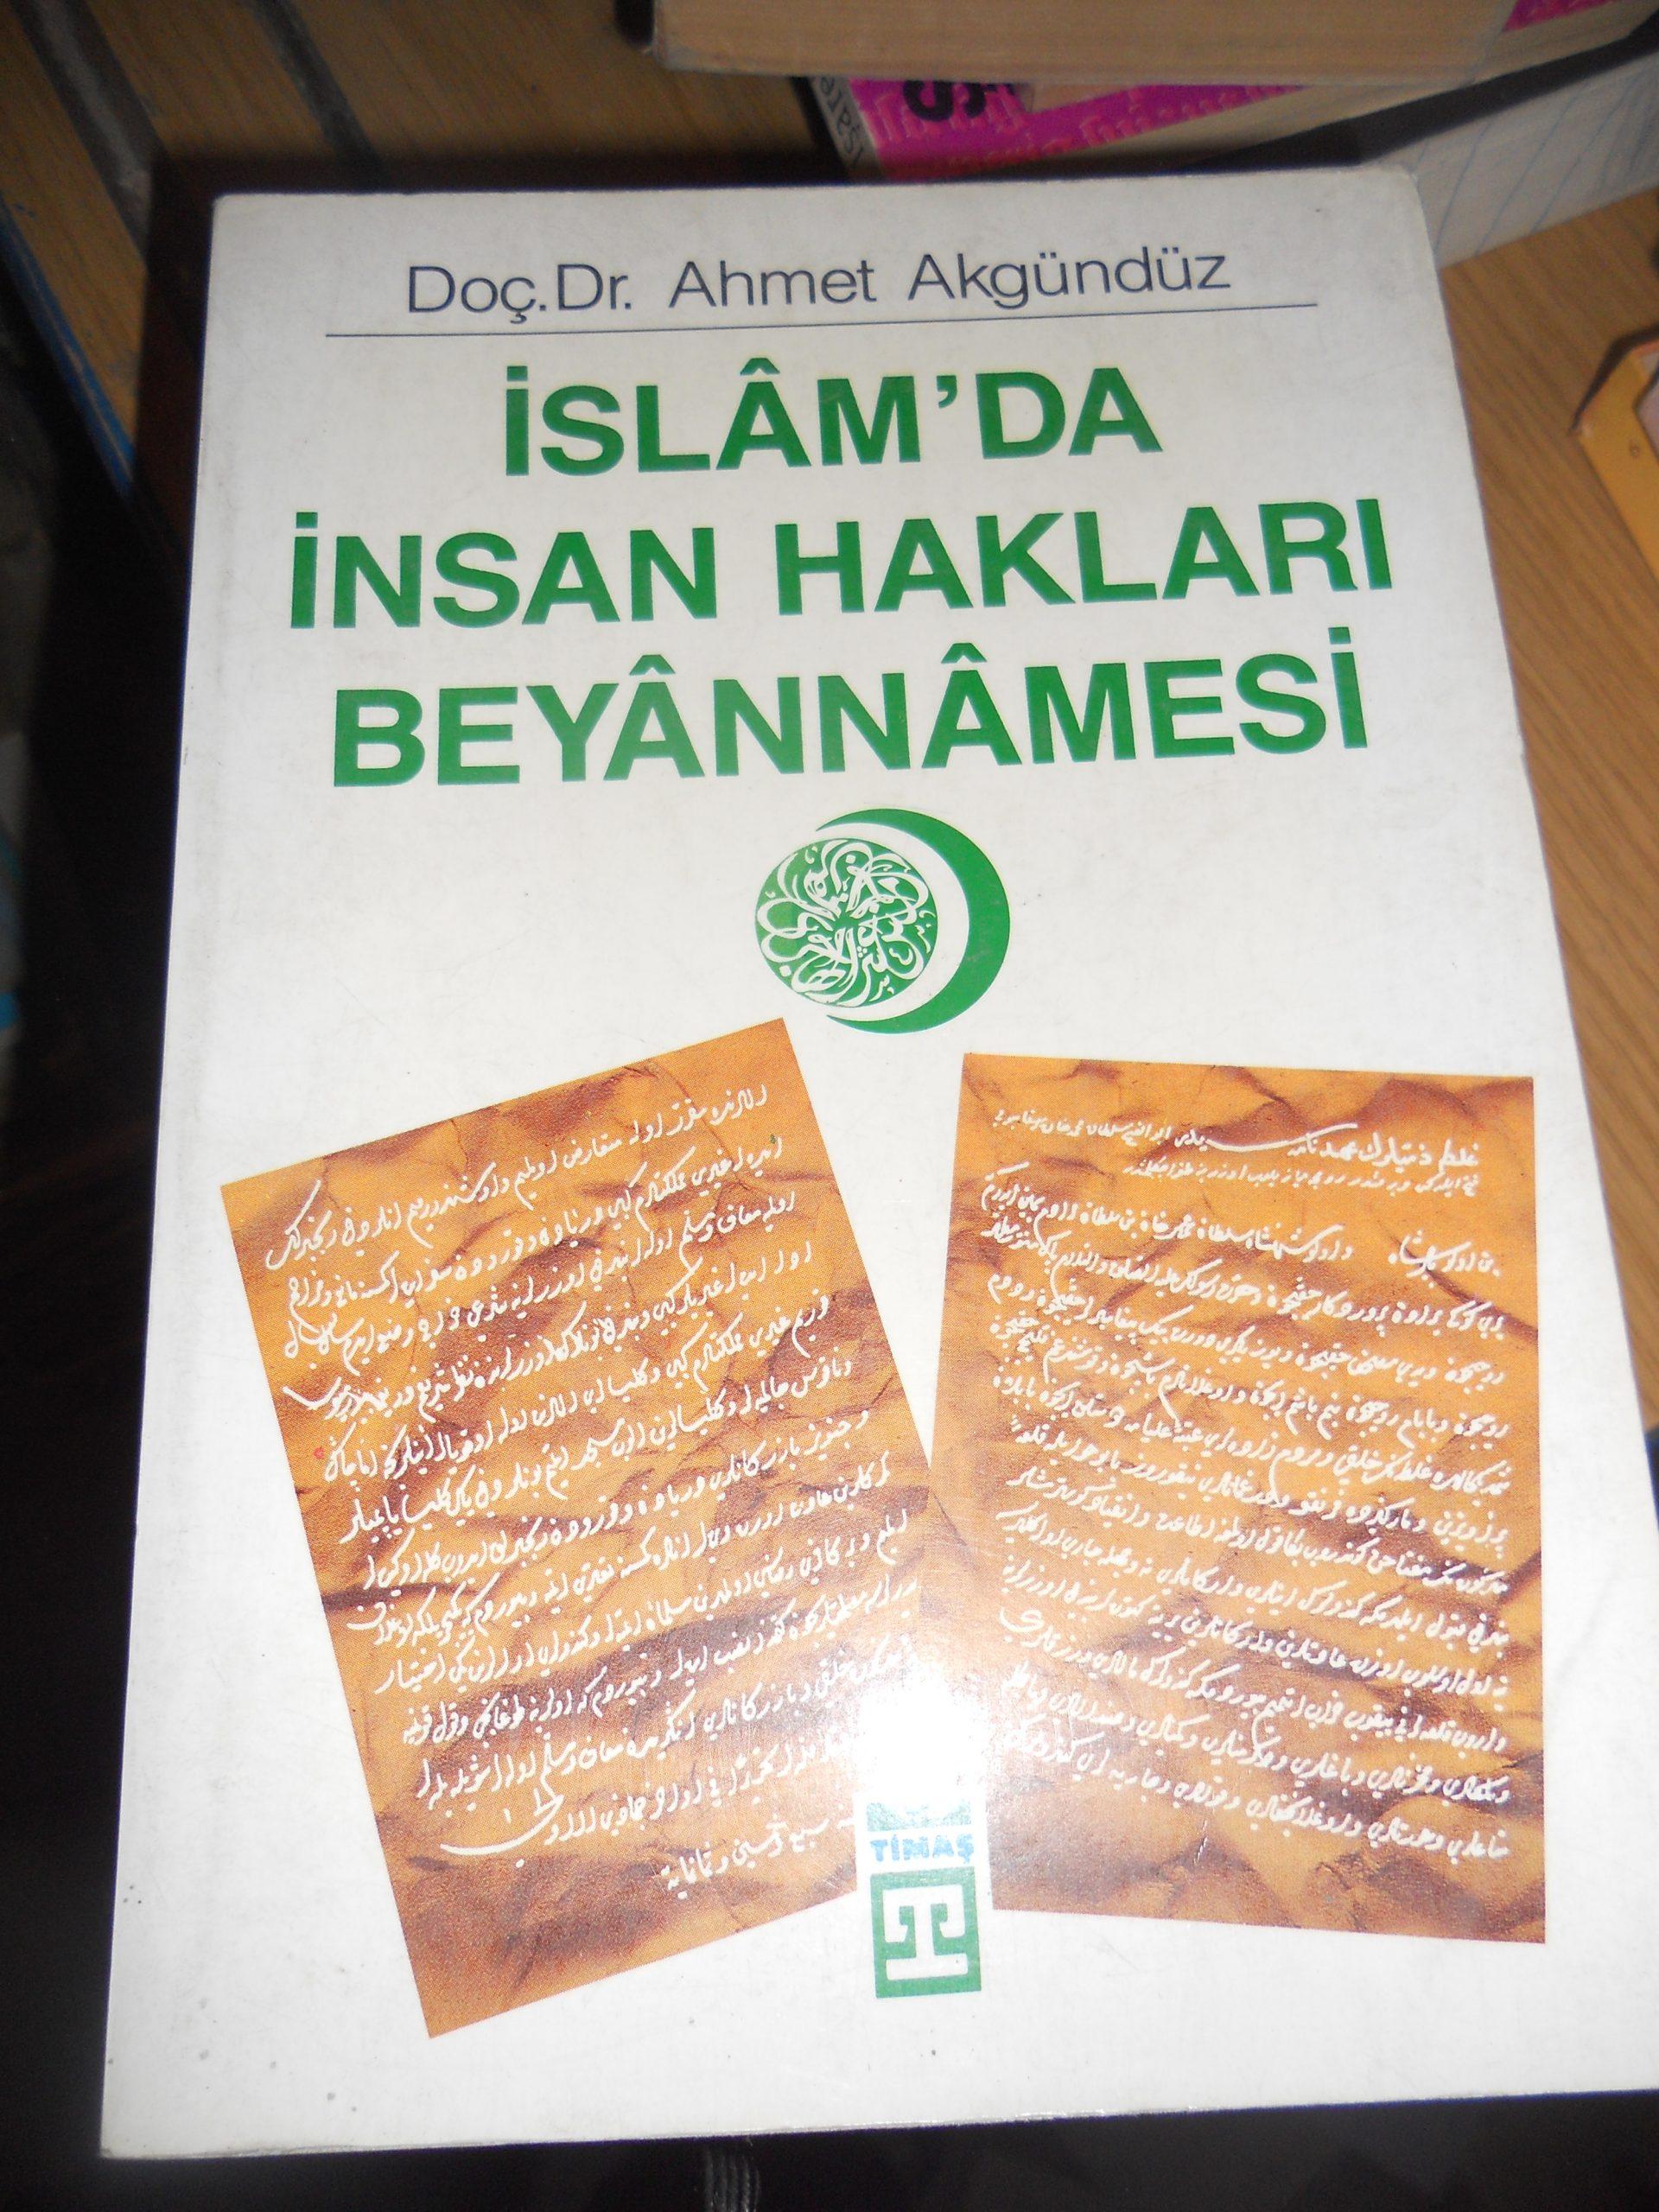 İSLAMDA İNSAN HAKLARI BEYANNAMESİ/ Doç.Dr.Ahmet AKGÜNDÜZ/ 15 TL